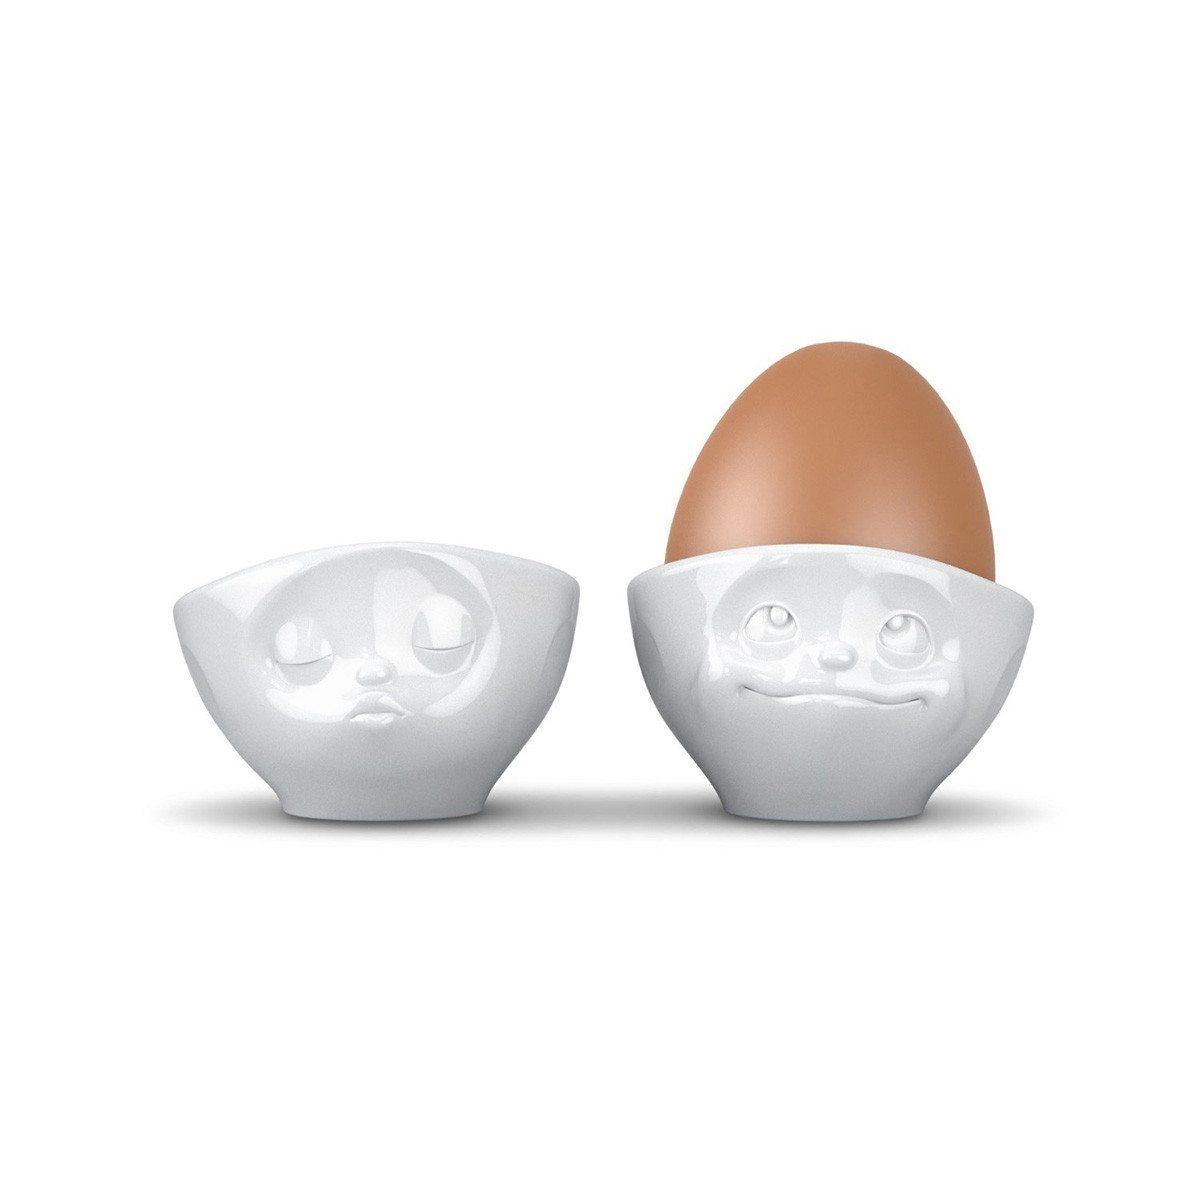 Eierbecher-Set für jede Laune